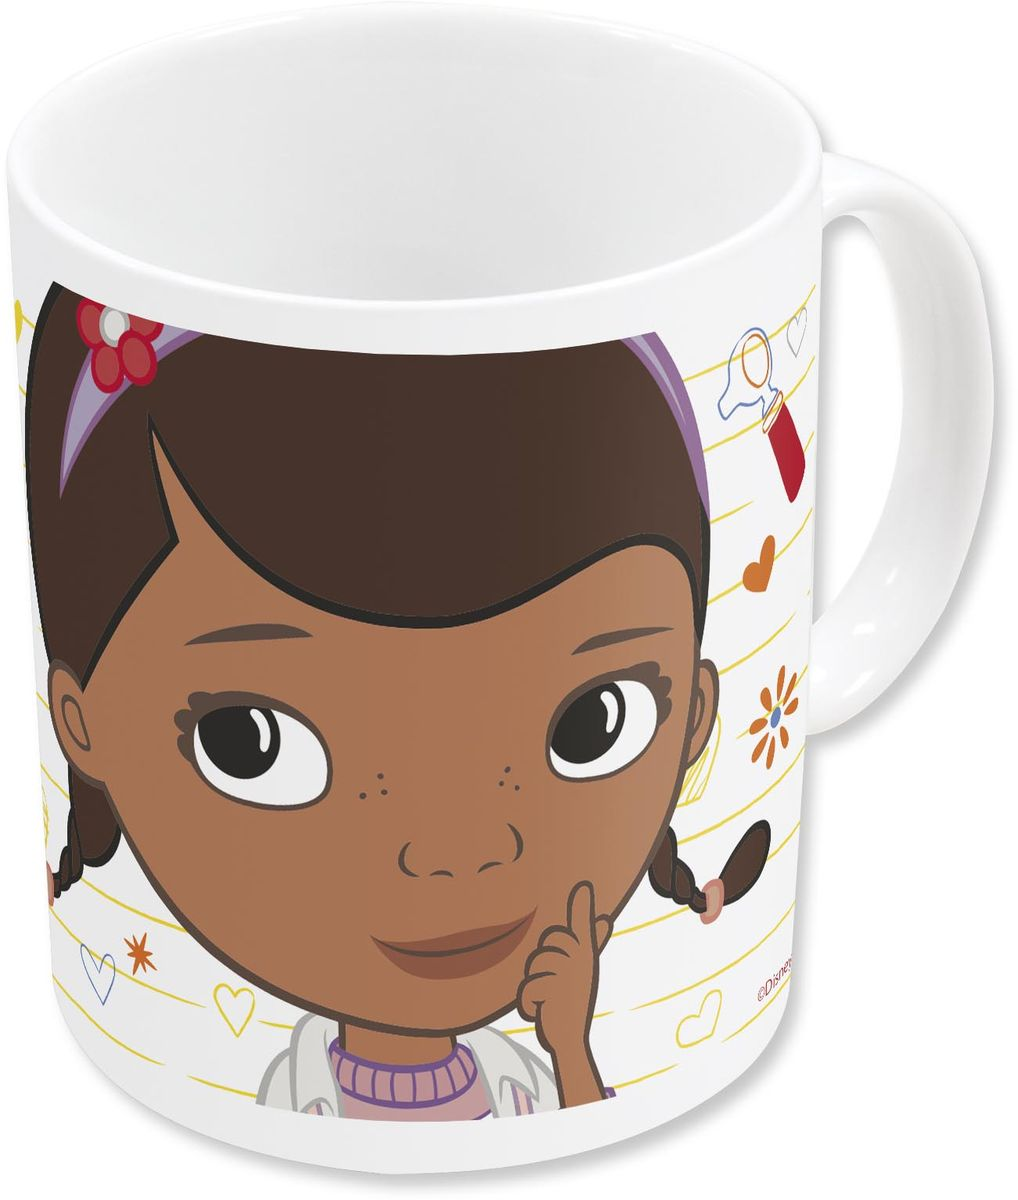 Stor Кружка детская Доктор Плюшева 325 мл в подарочной упаковке78605Оригинальная керамическая посуда с изображением любимых героев - прекрасный подарок для детей и взрослых. Можно использовать в СВЧ-печи и посудомоечной машине.Размер: 8,7 х 10 см.